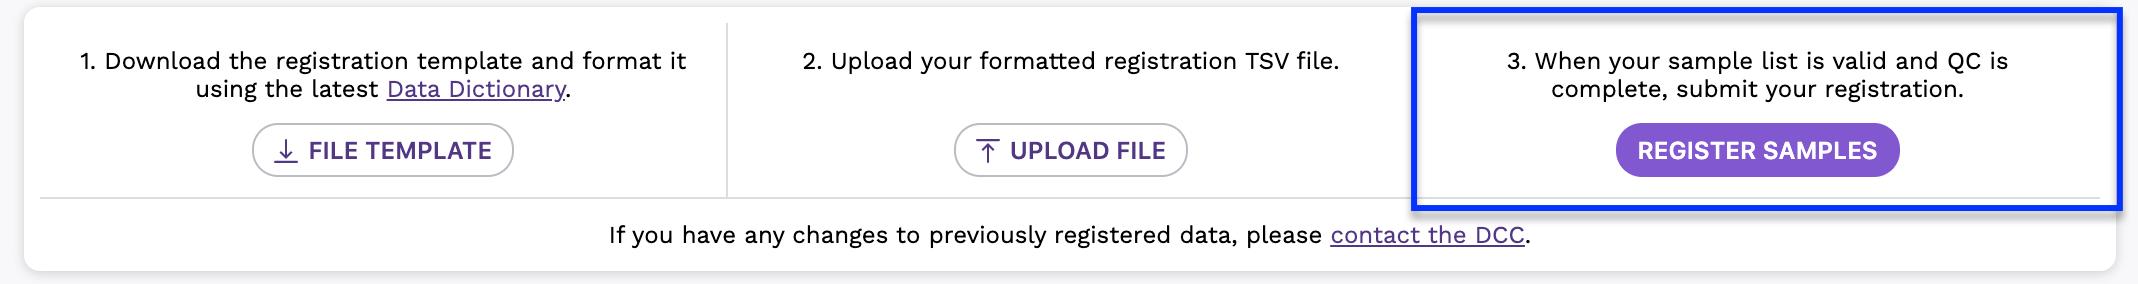 Register Samples